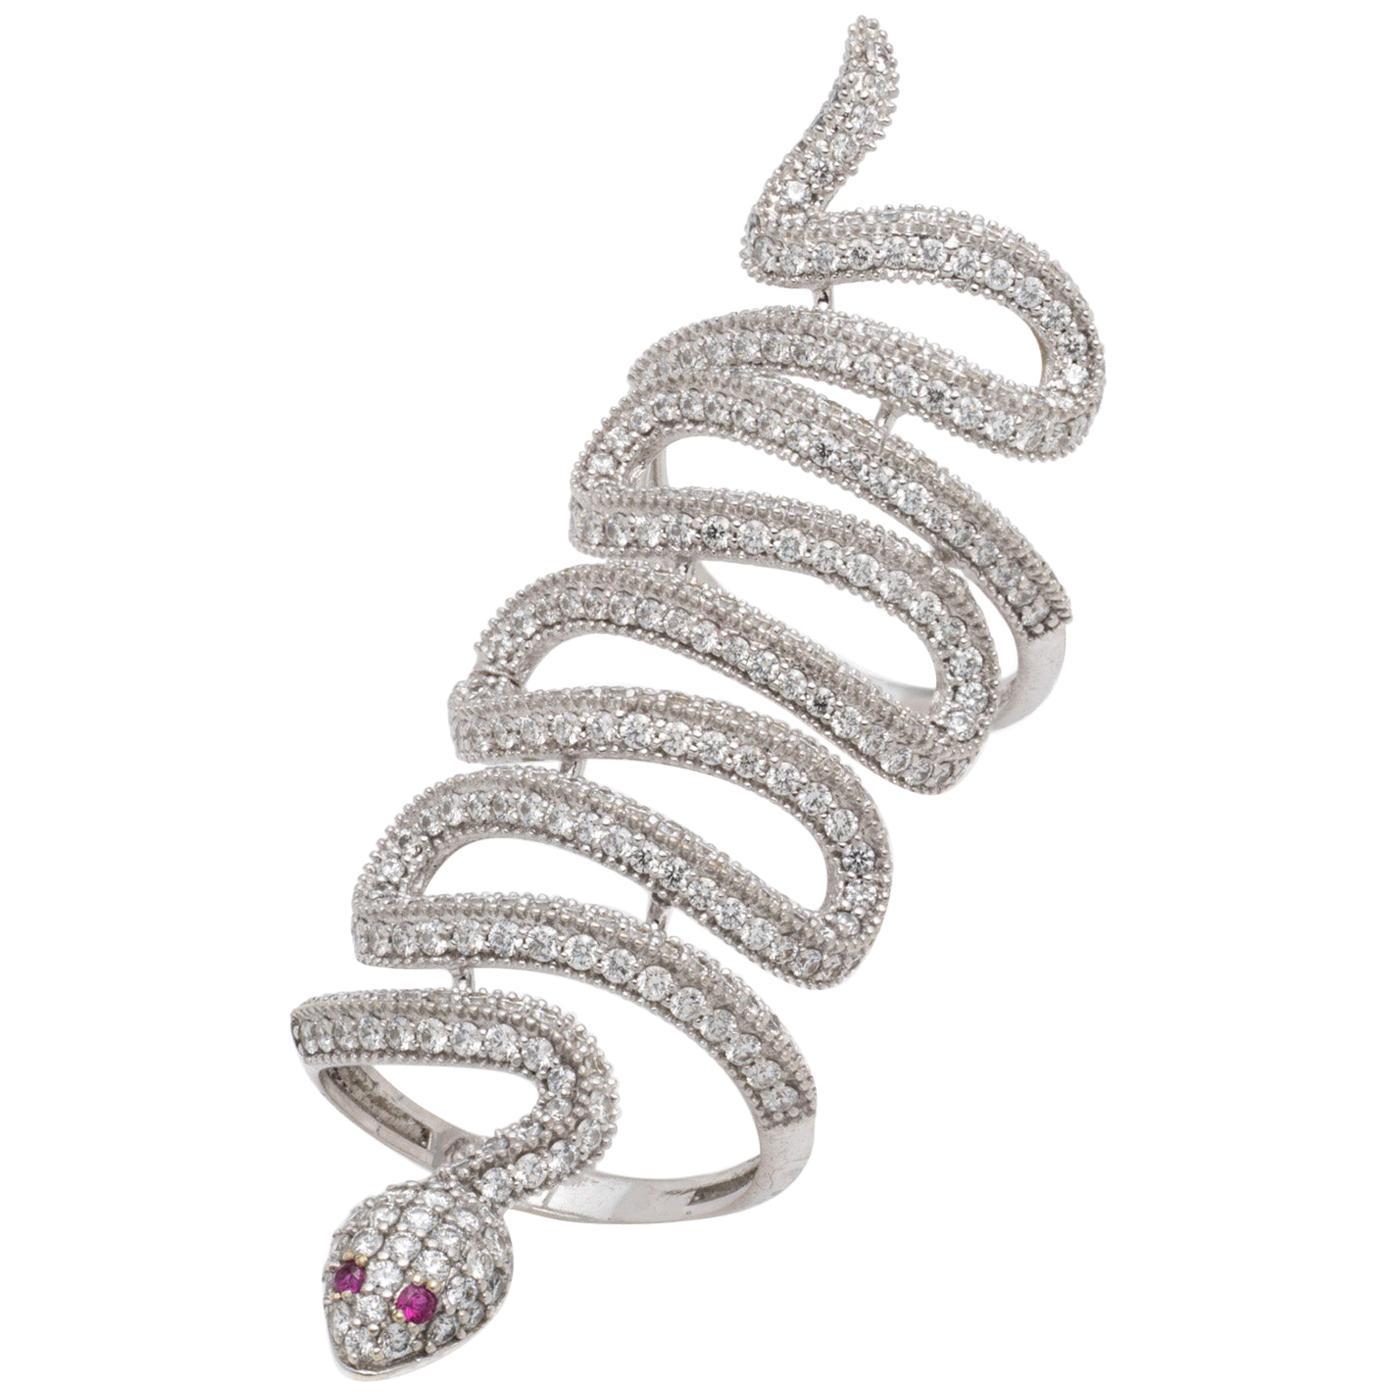 Diamond, Ruby and 18 Karat White Gold Snake Ring